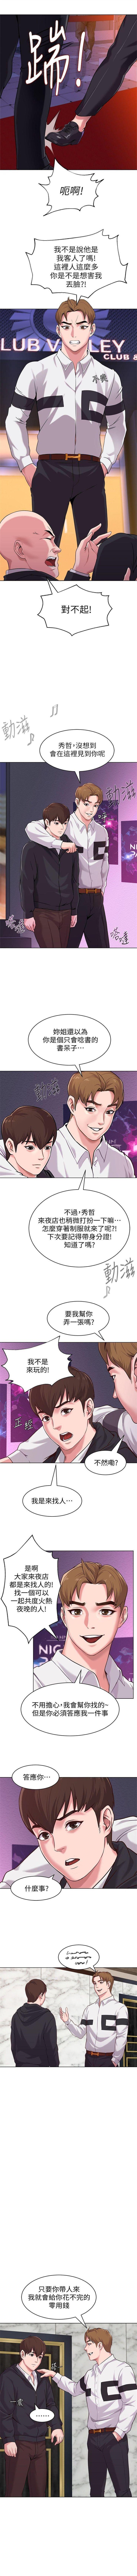 (周3)老师 1-56 中文翻译(更新中) 40